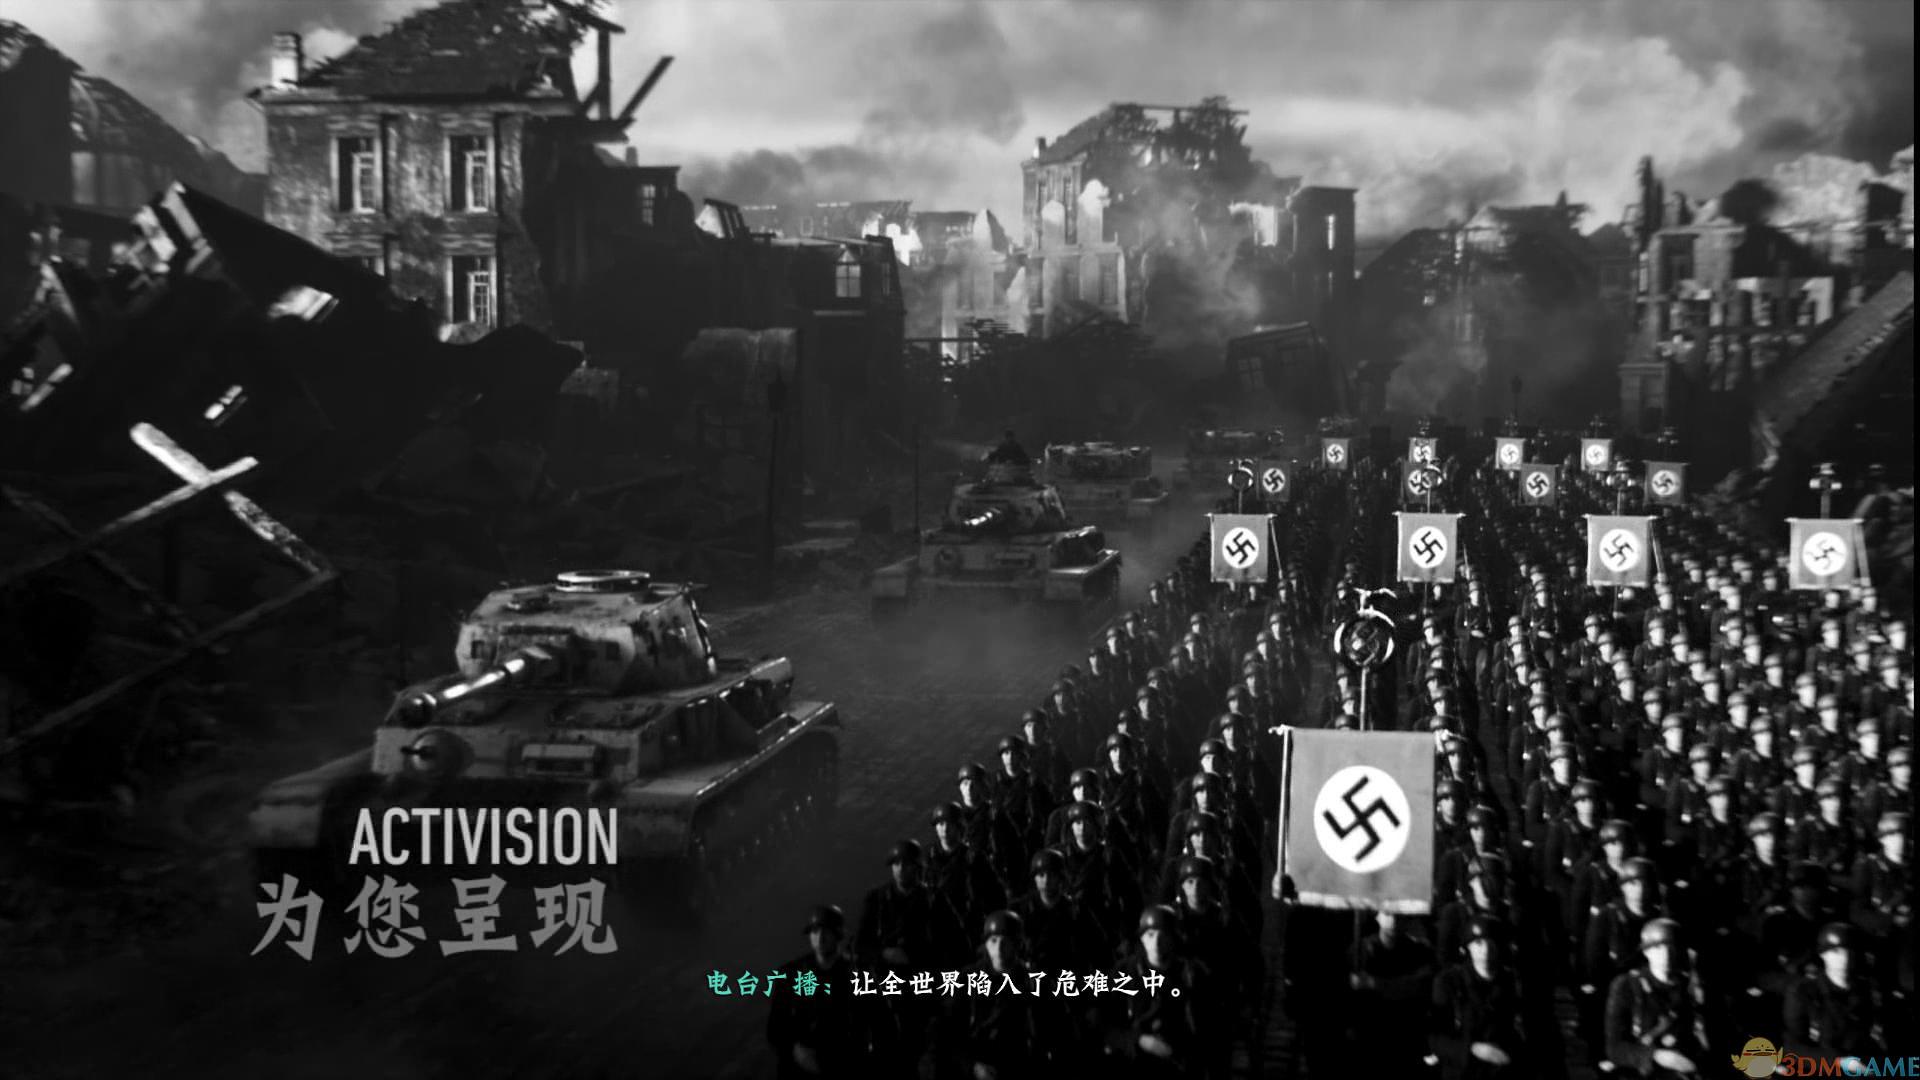 使命召唤14:二战 (Call of Duty: WWII)【新版v1.25.2244937】插图2